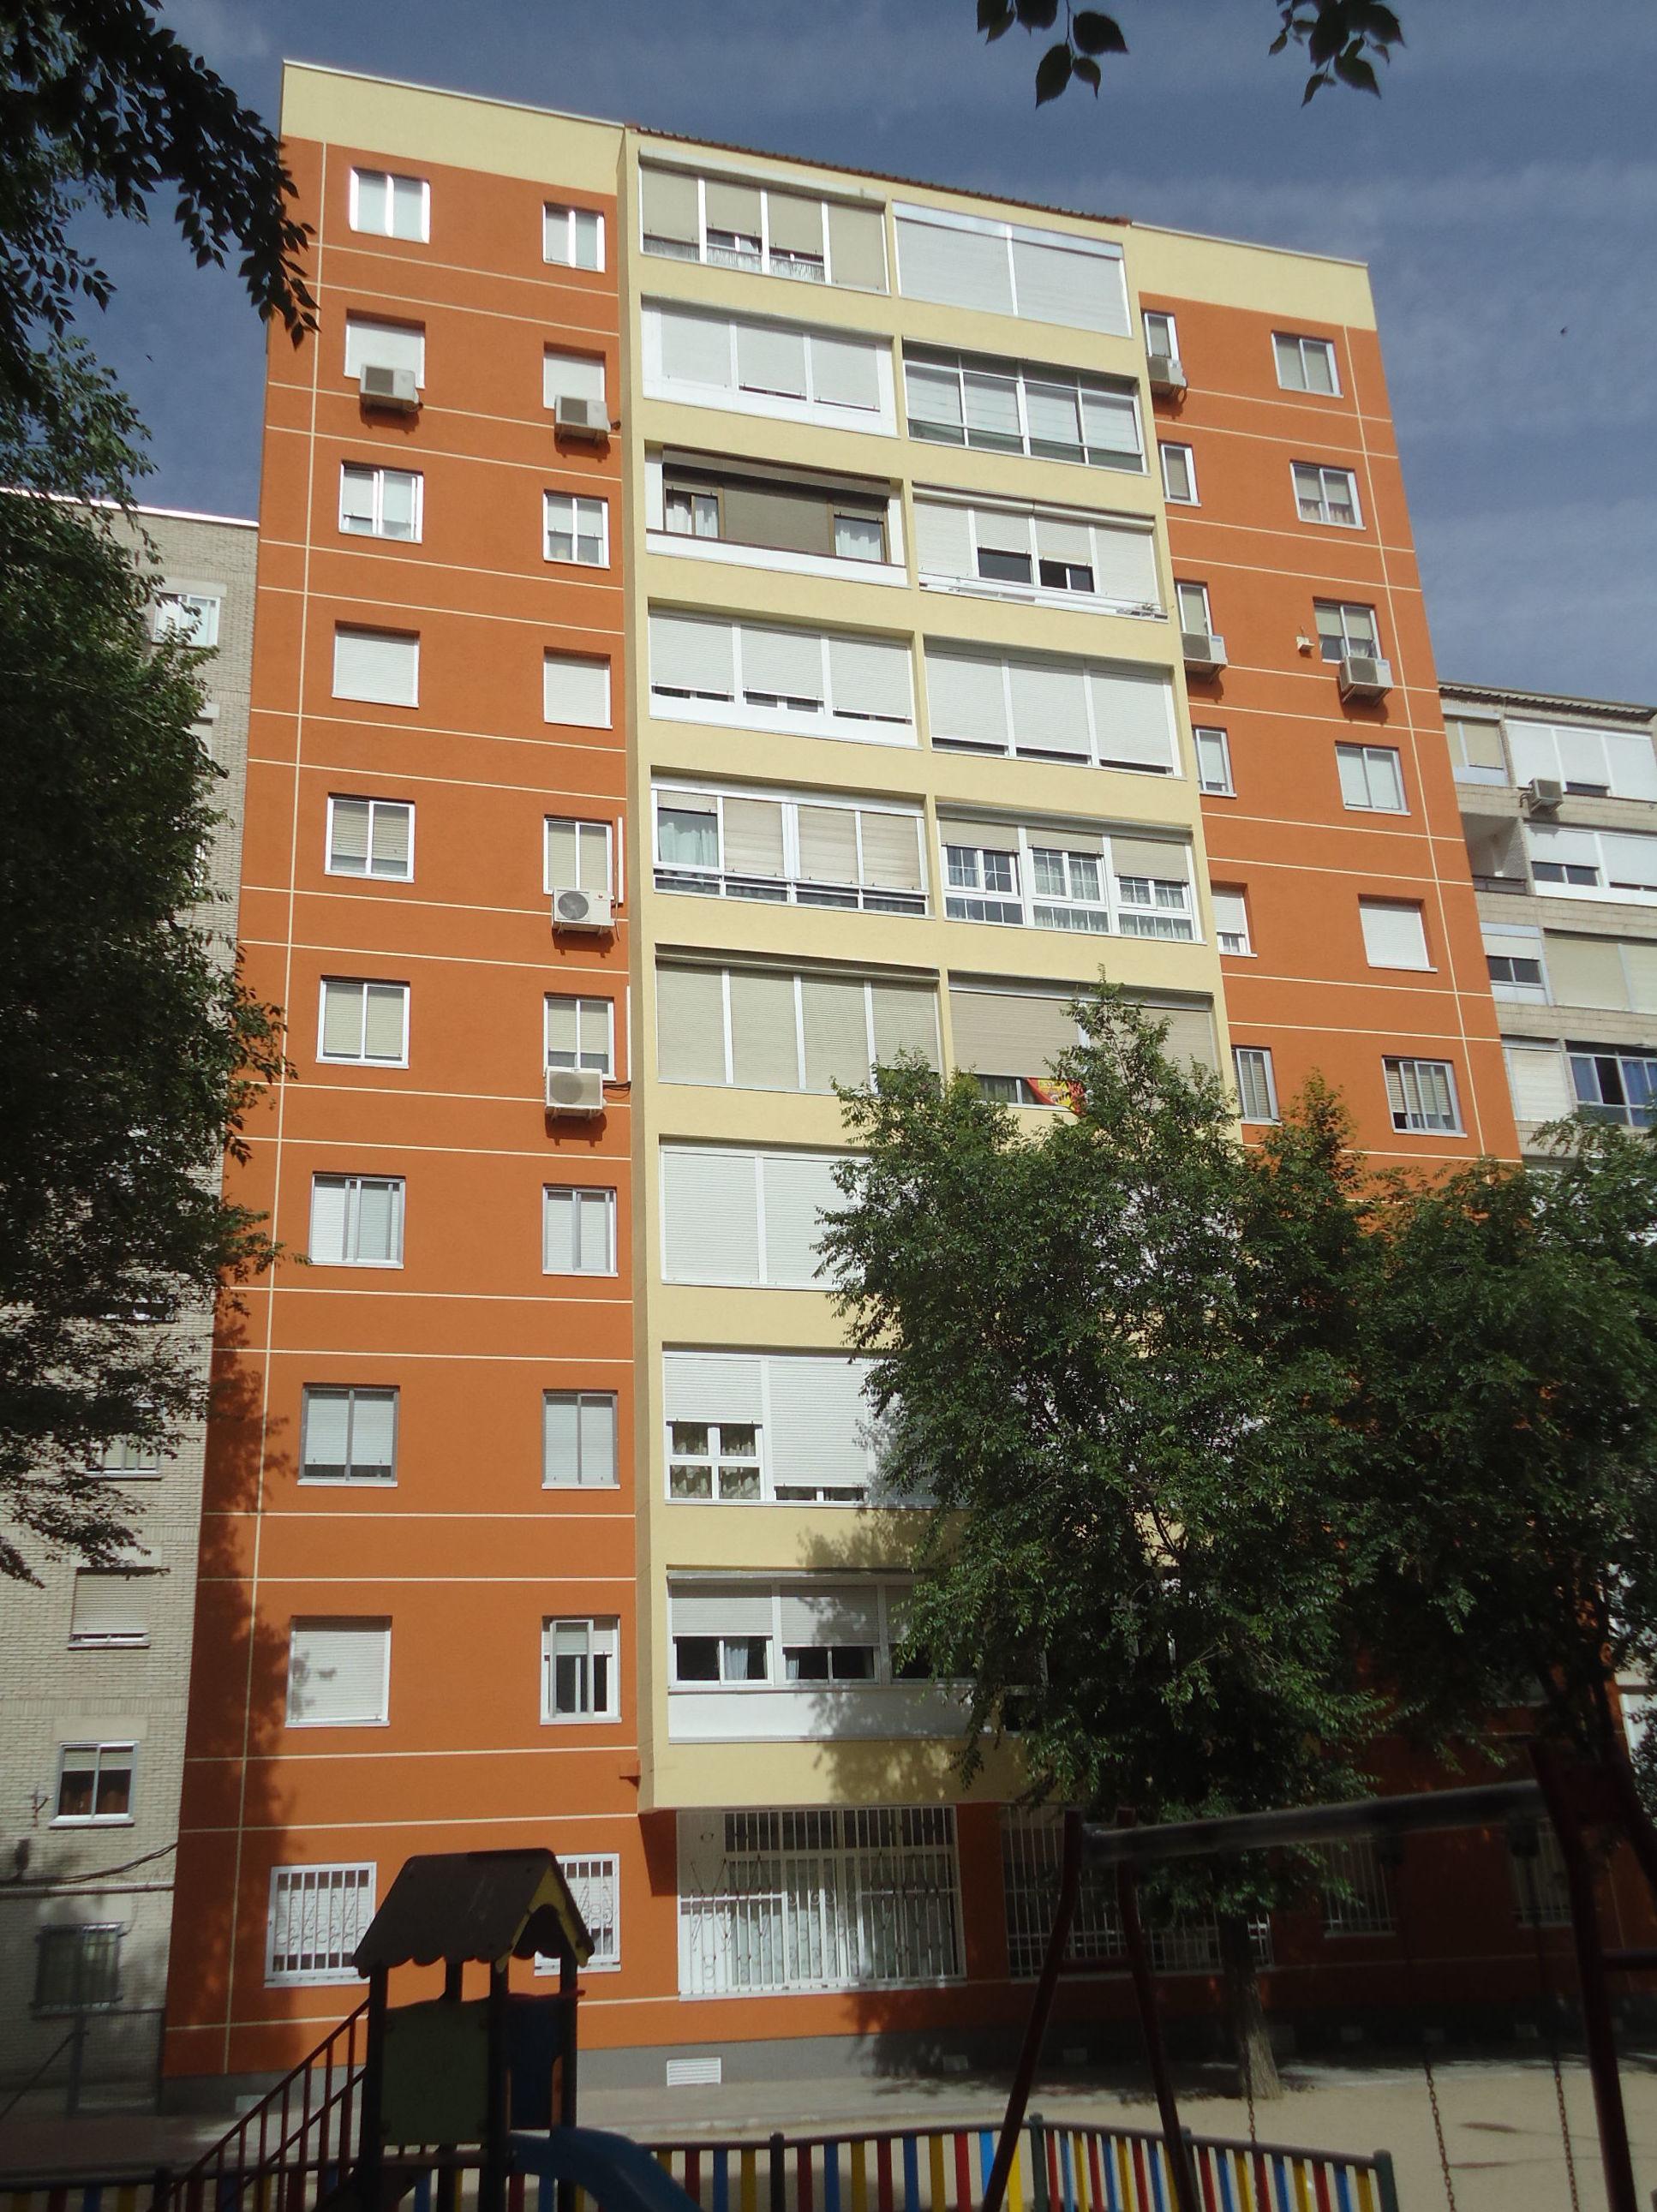 C/ Galicia, 32 (Fuenlabrada)